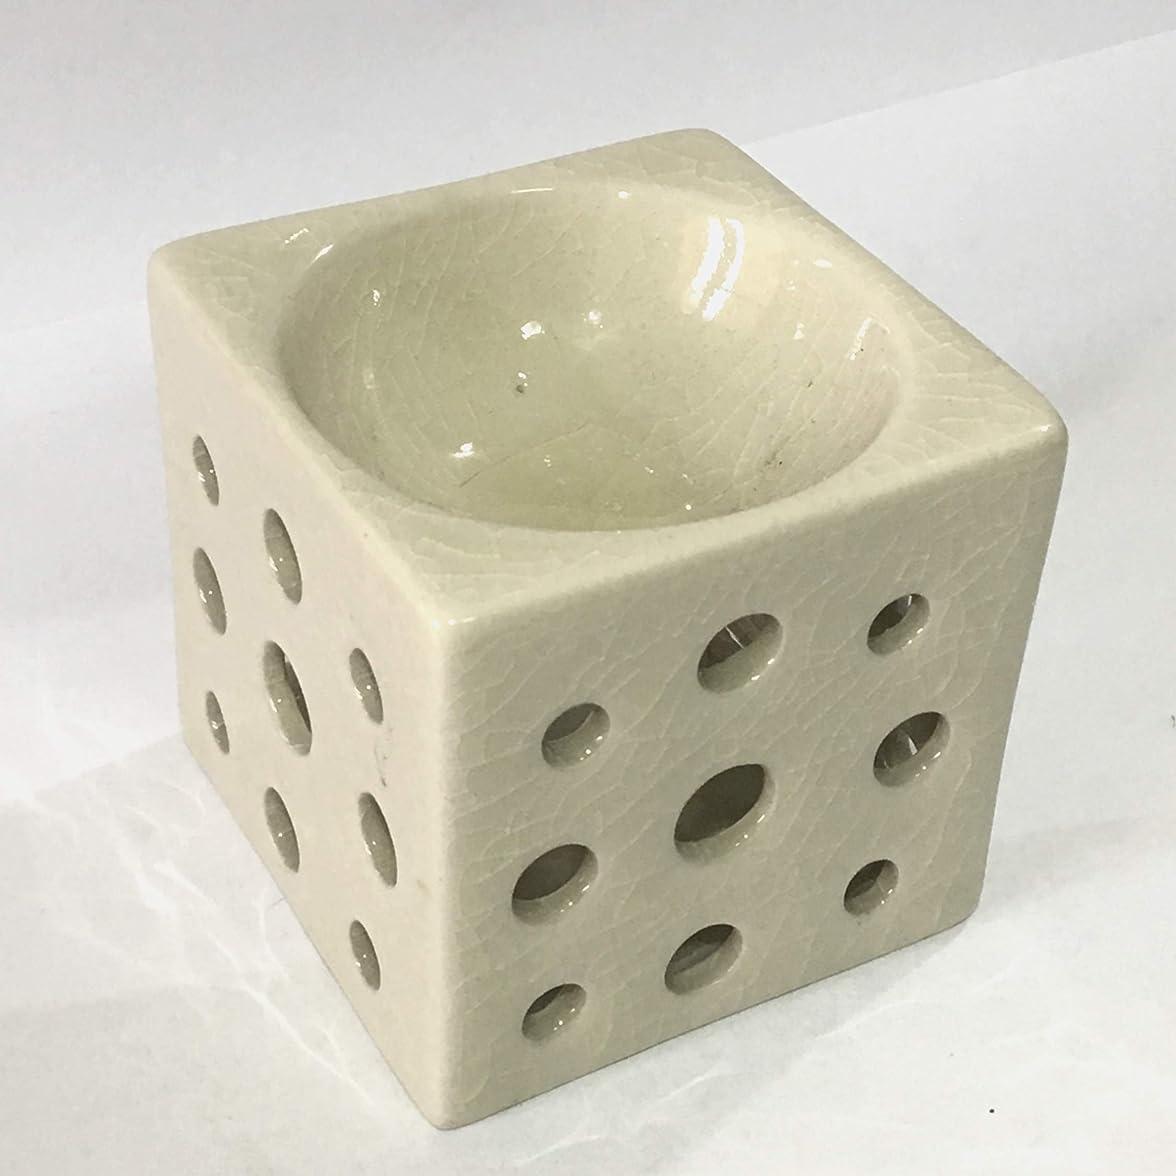 民主主義ちょうつがい規制アロマポット (白) 角型 チェンマイ産 香炉 陶器 アロマ炉 タイ